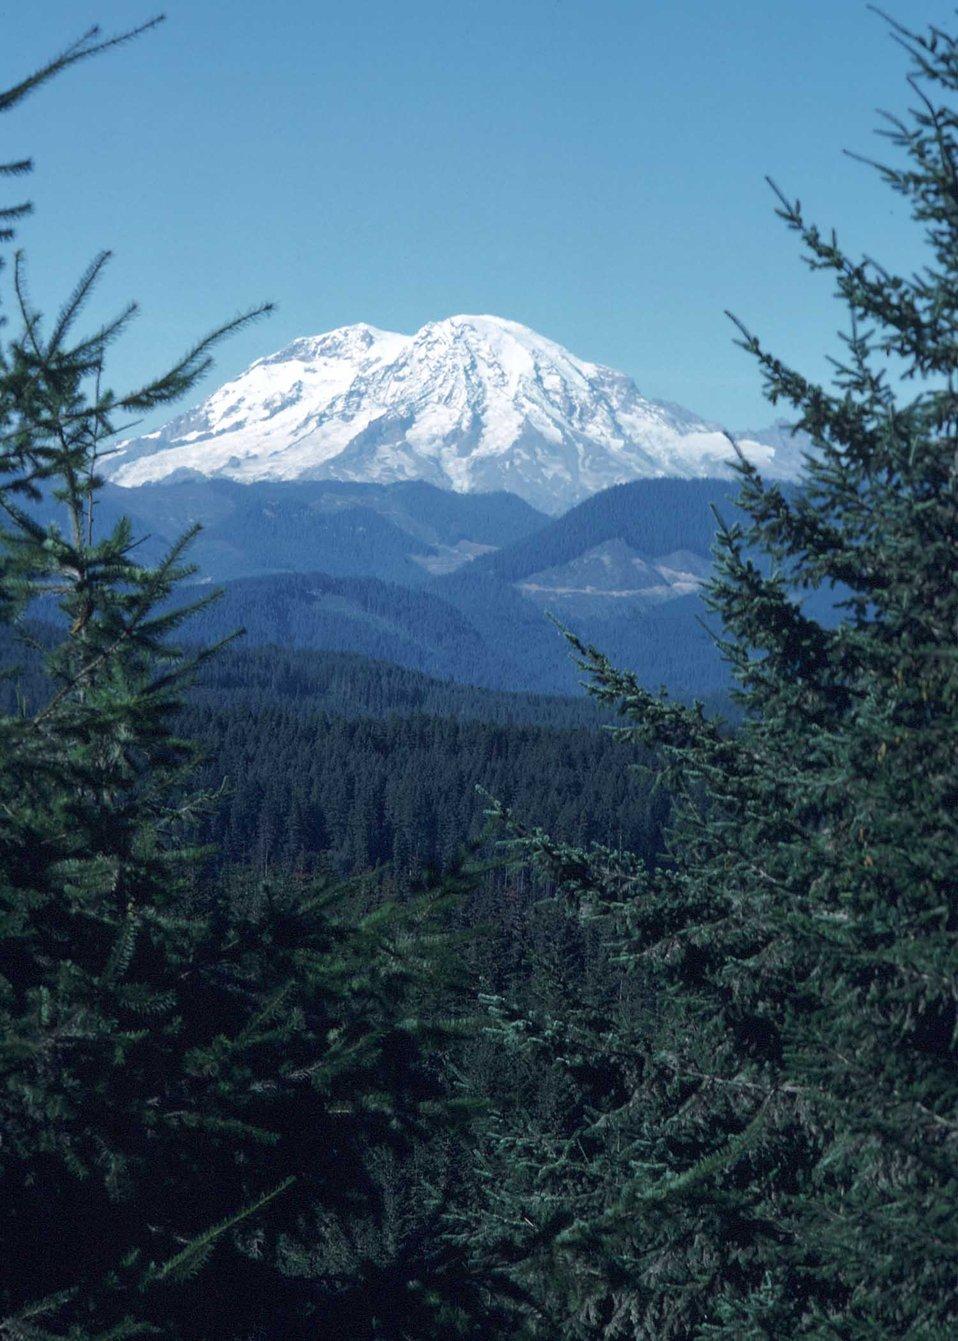 Mt. Rainier landscape